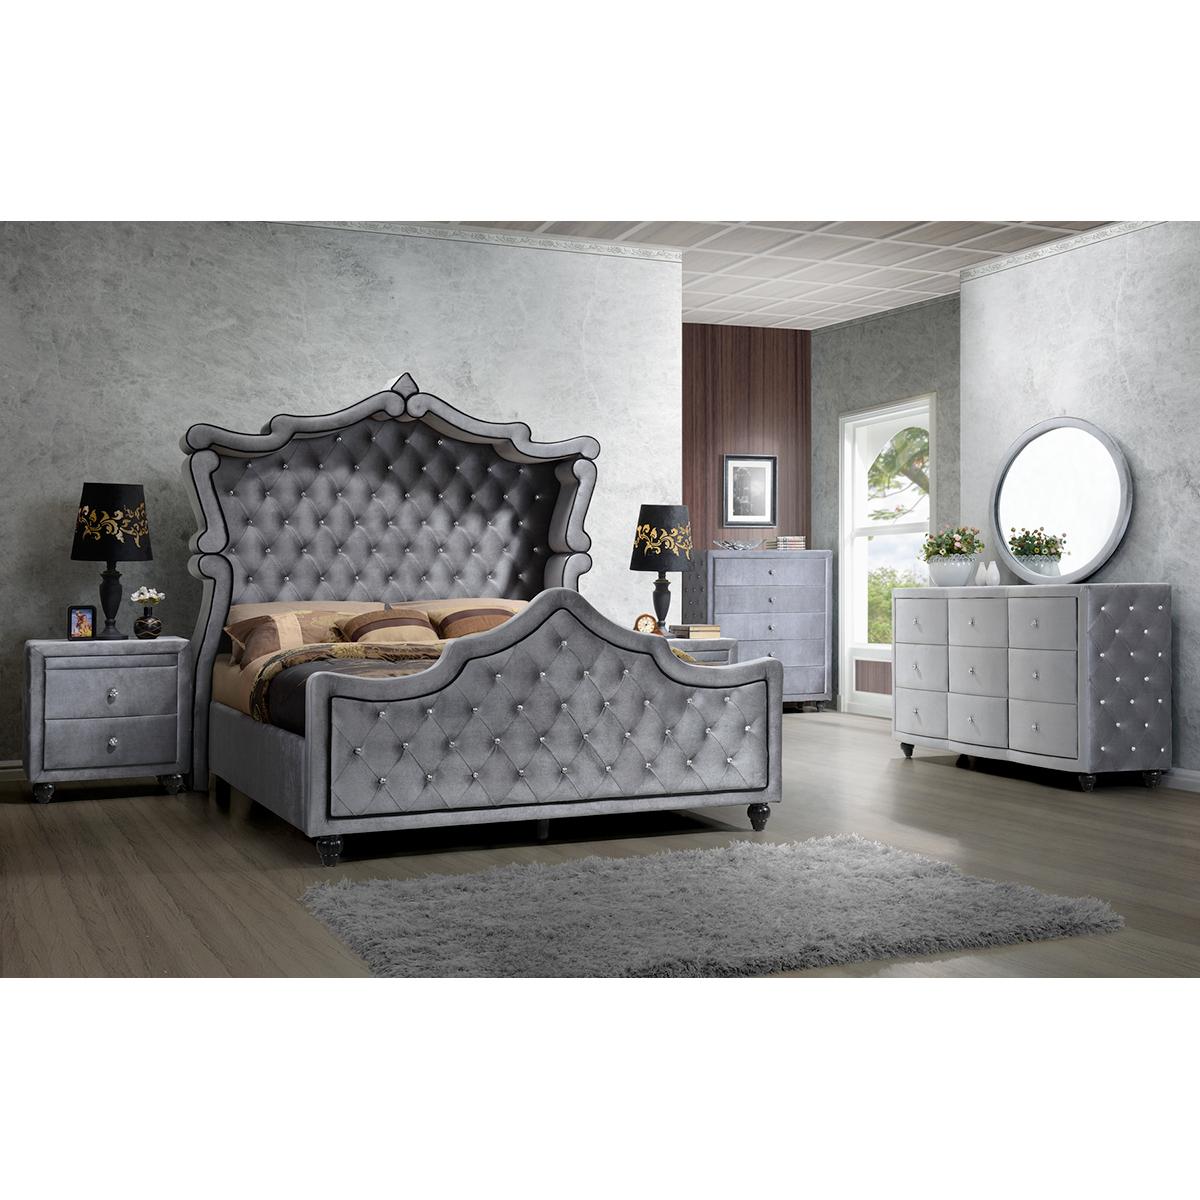 Meridian Furniture Hudson Canopy K Grey Velvet King